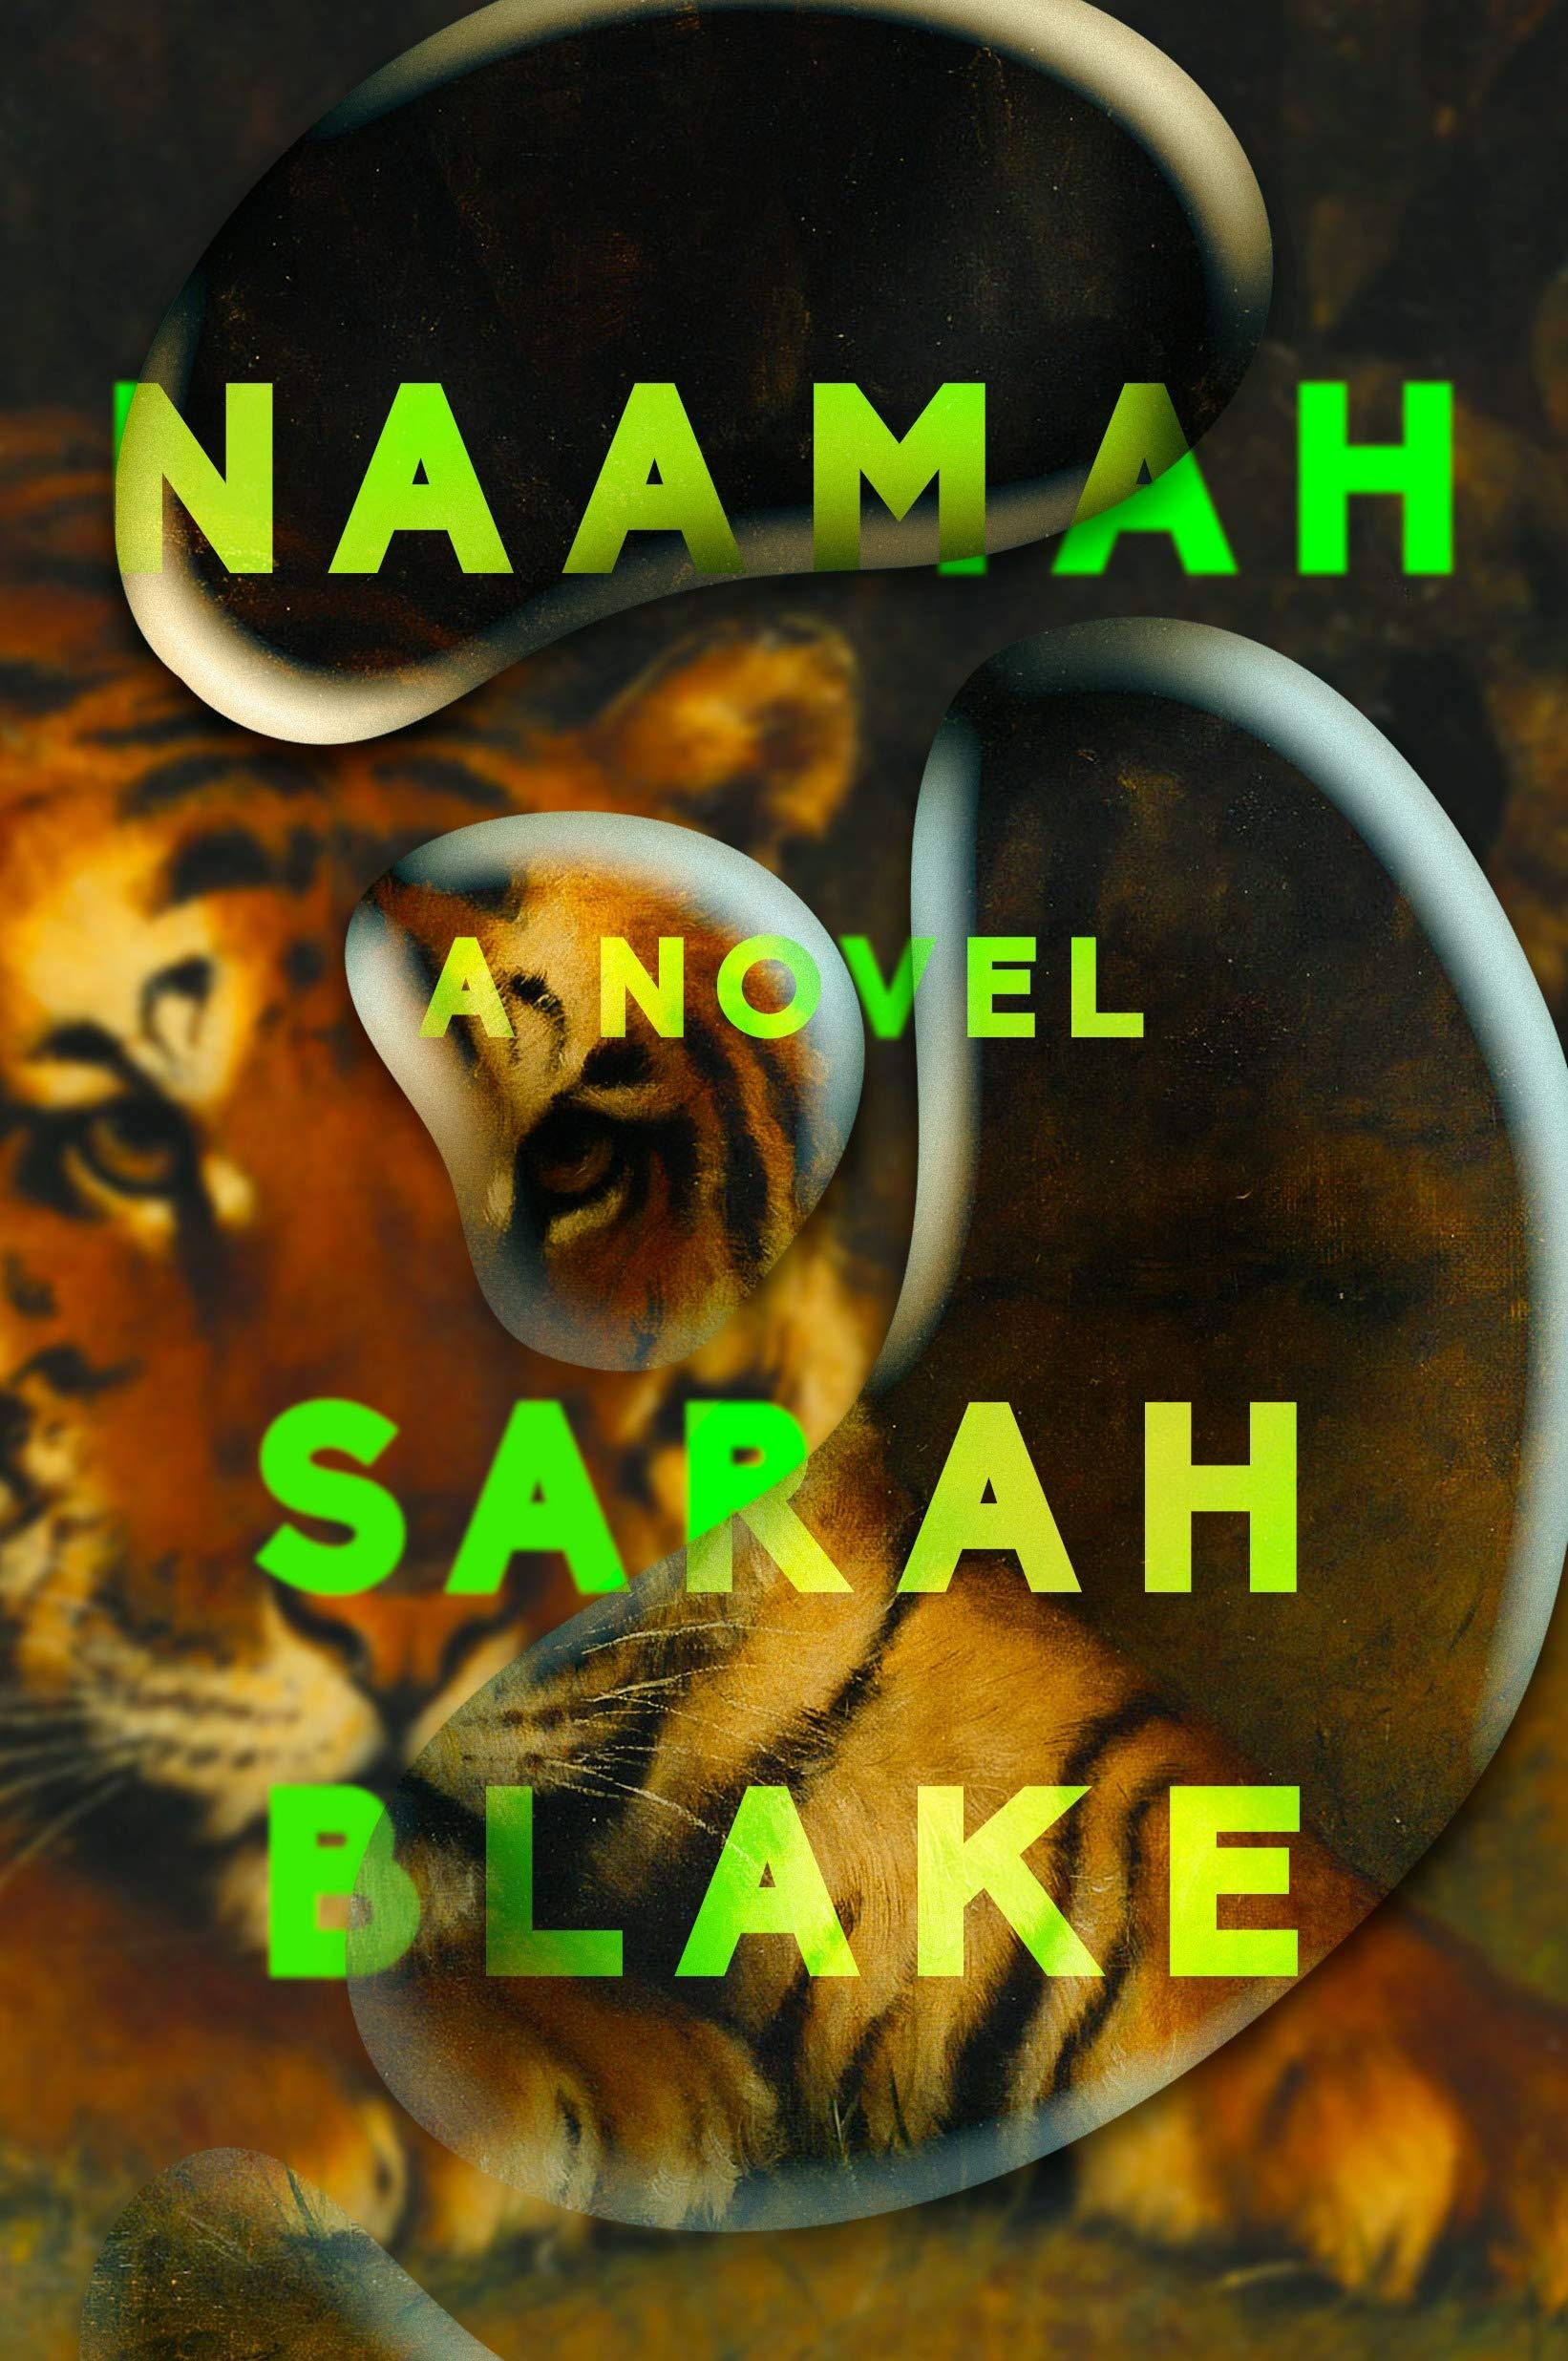 naamah-sarah-blake-book-club--st-francis-de-sales-catholic-church-new-york.jpg